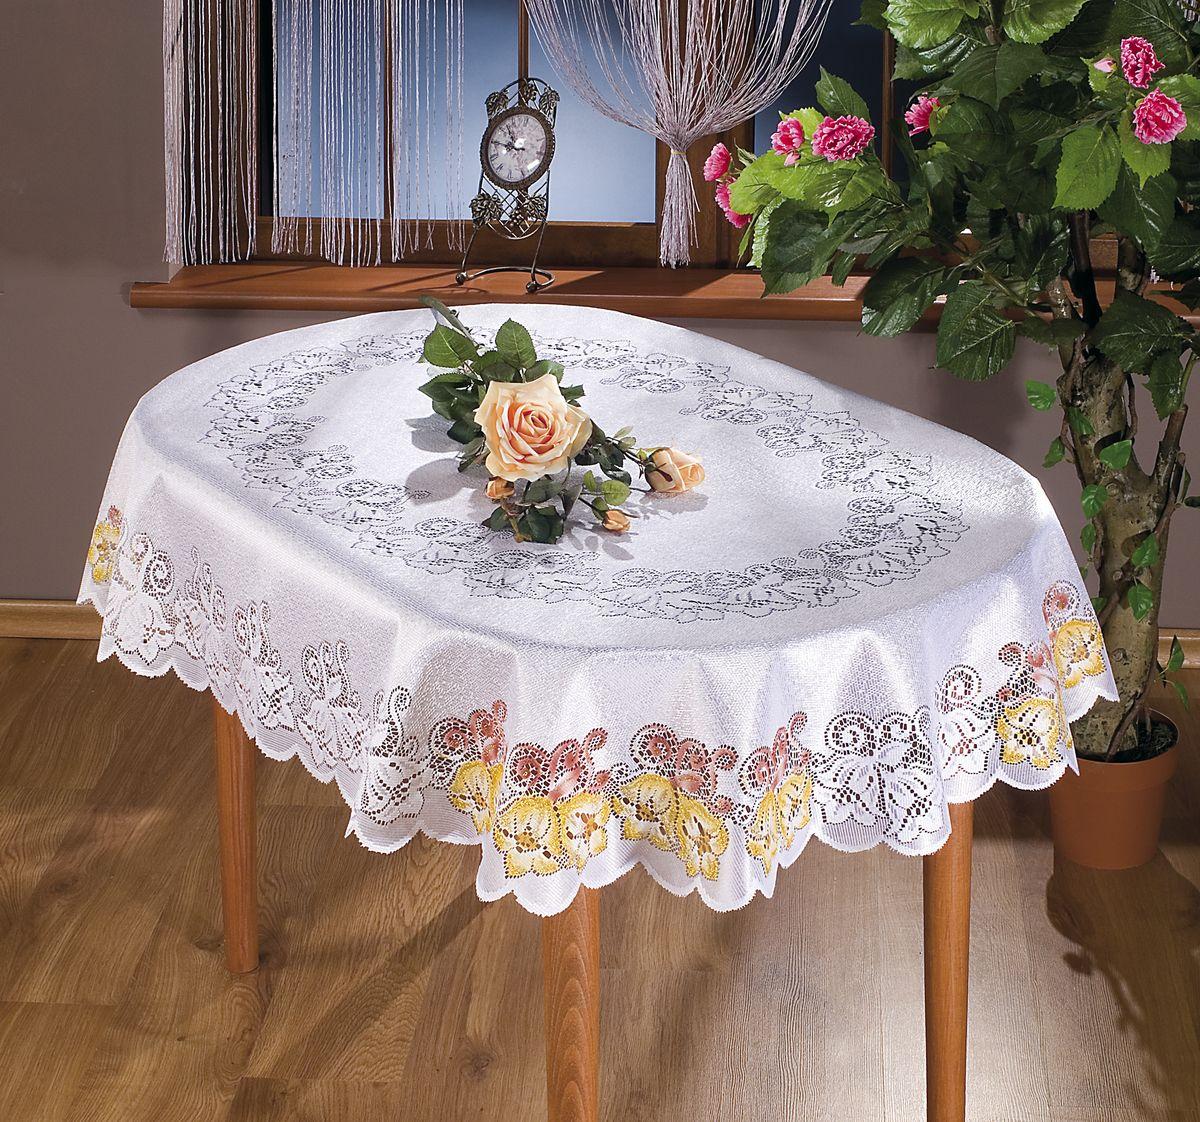 Скатерть Wisan Amadeusz, овальная, цвет: белый, 130x 170 см. 88618861 белаяВеликолепная овальная скатерть Wisan Amadeusz органично впишется в интерьер любого помещения, а оригинальный дизайн удовлетворит даже самый изысканный вкус. Изделие выполнено из полиэстера и украшено изящным ажурным цветочным рисунком. Скатерть поможет создать атмосферу уюта и домашнего тепла в интерьере вашей кухни или комнаты, а также станет настоящим украшением праздничного стола.